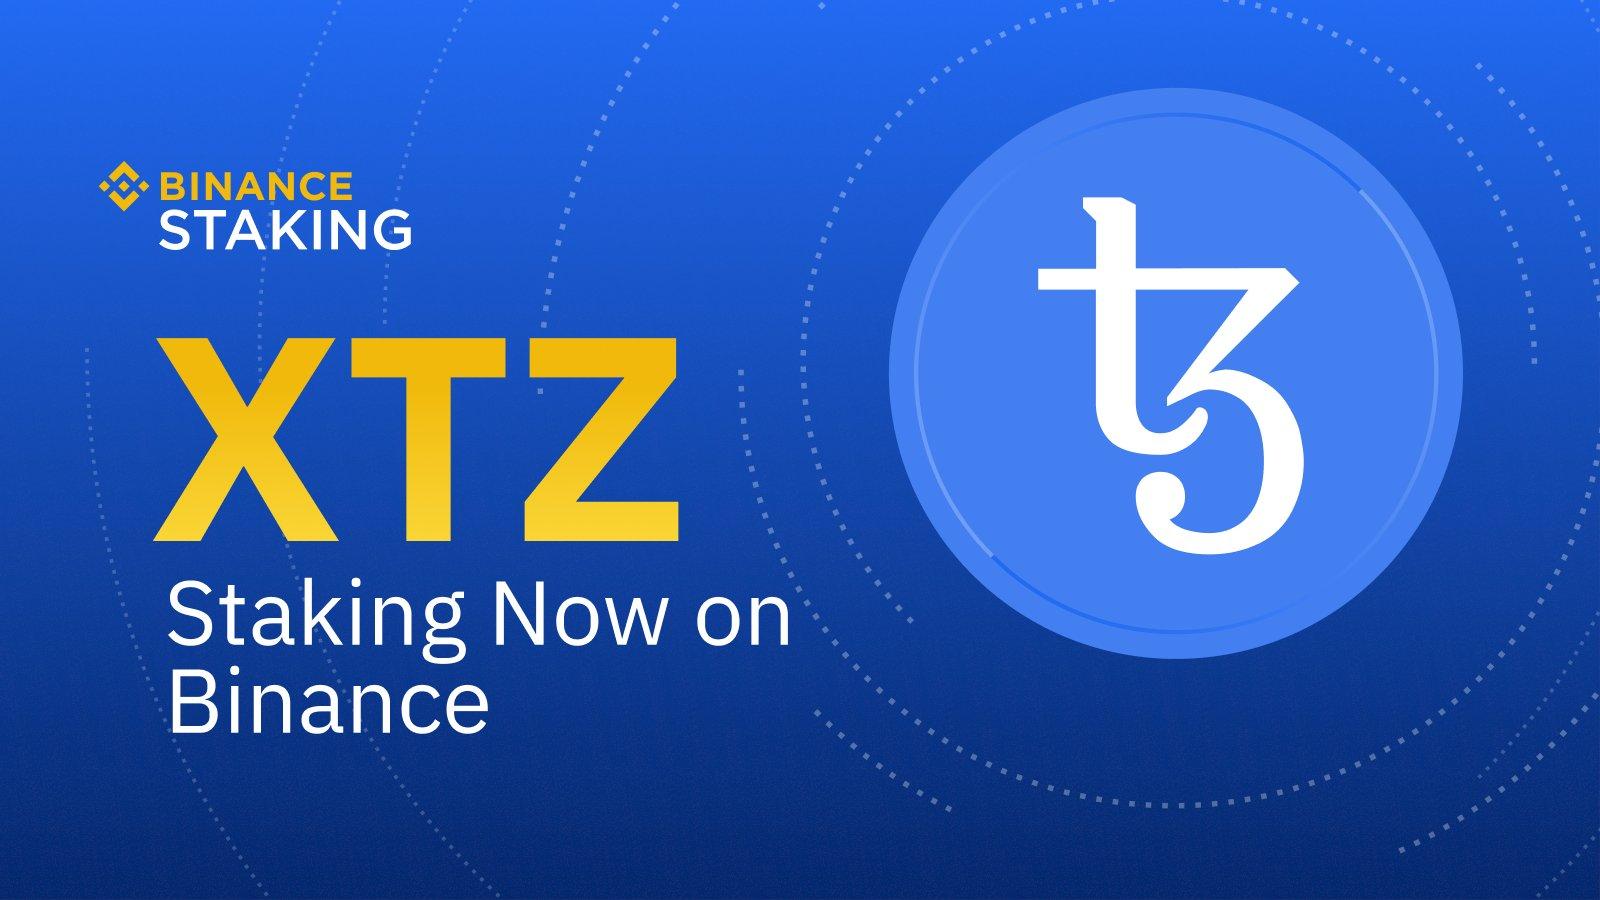 Binance ajoute le staking de la cryptomonnaie Tezos XTZ à sa plateforme de staking